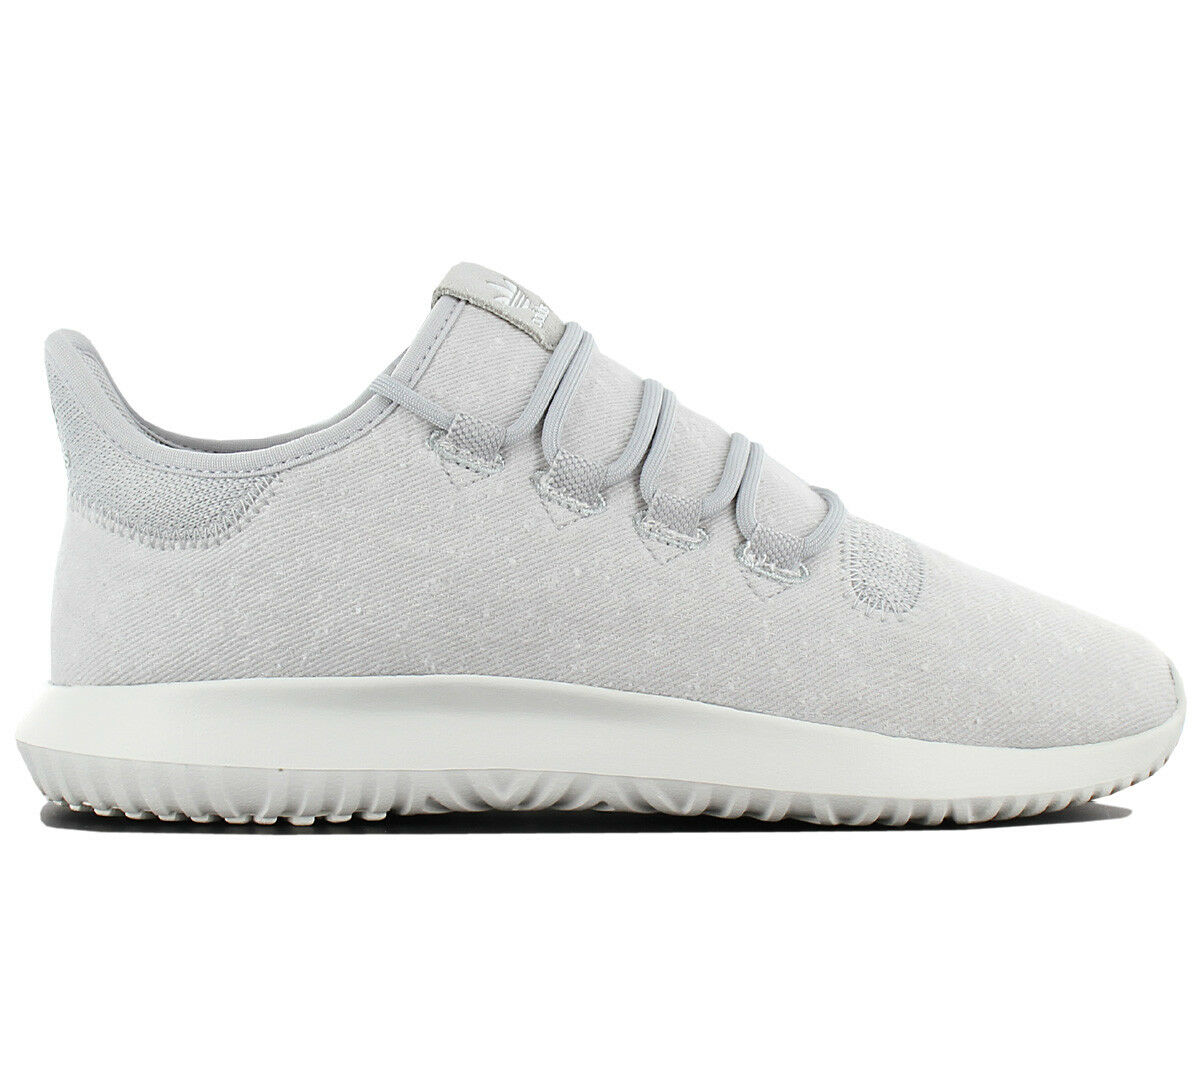 Adidas Originals Tubular sombra Tenis Deportivas zapatos tenis para hombre gris BY3570 Nuevo